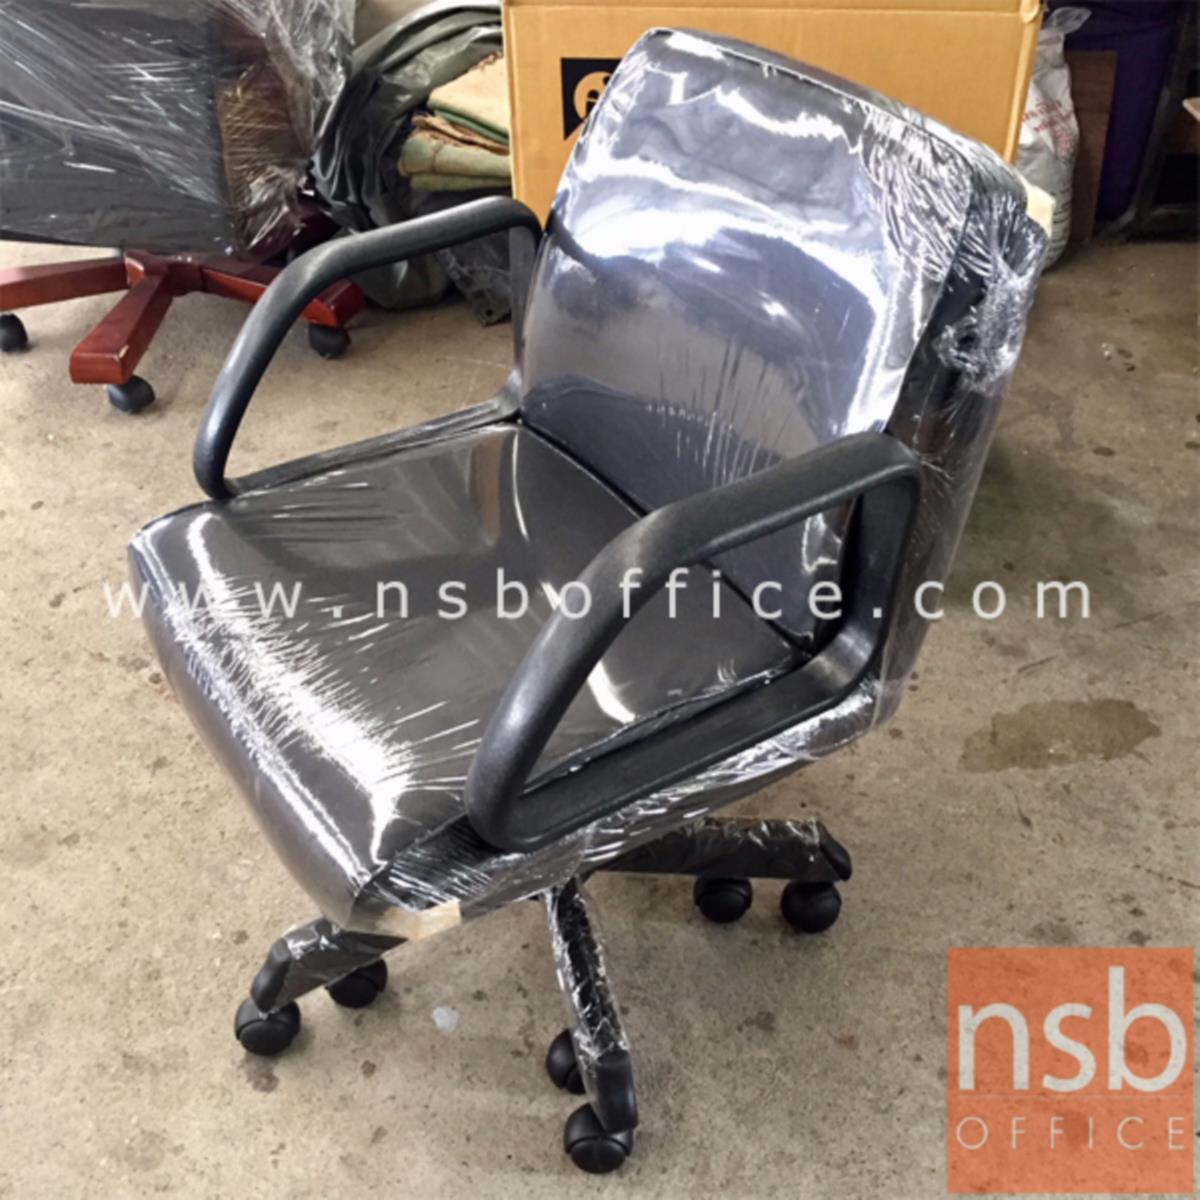 เก้าอี้สำนักงาน รุ่น Partridge (พาร์ทิจ)  มีก้อนโยก ขาเหล็ก 10 ล้อ